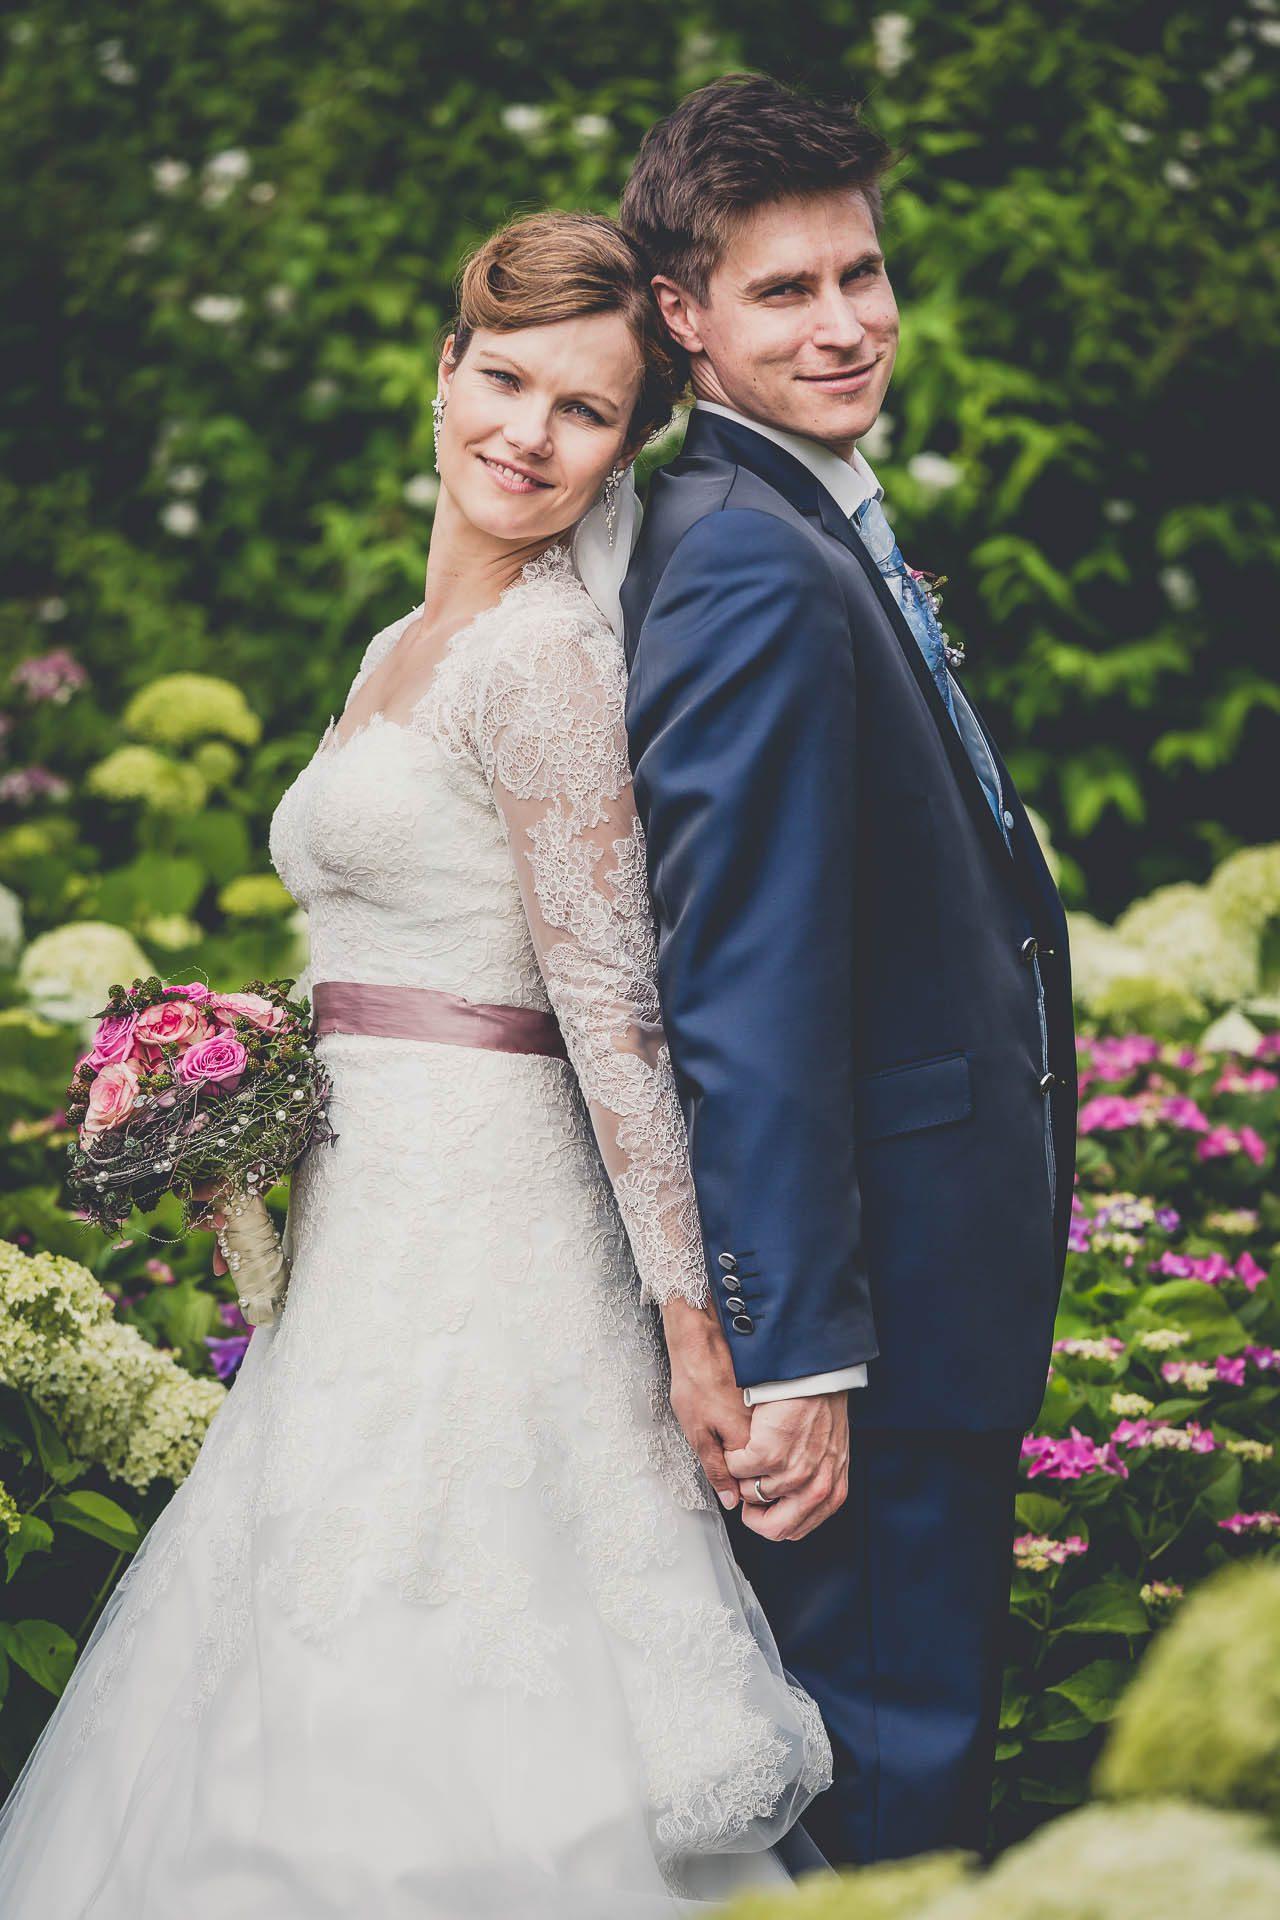 Brautpaarshooting im Herminghaus Park in Velbert